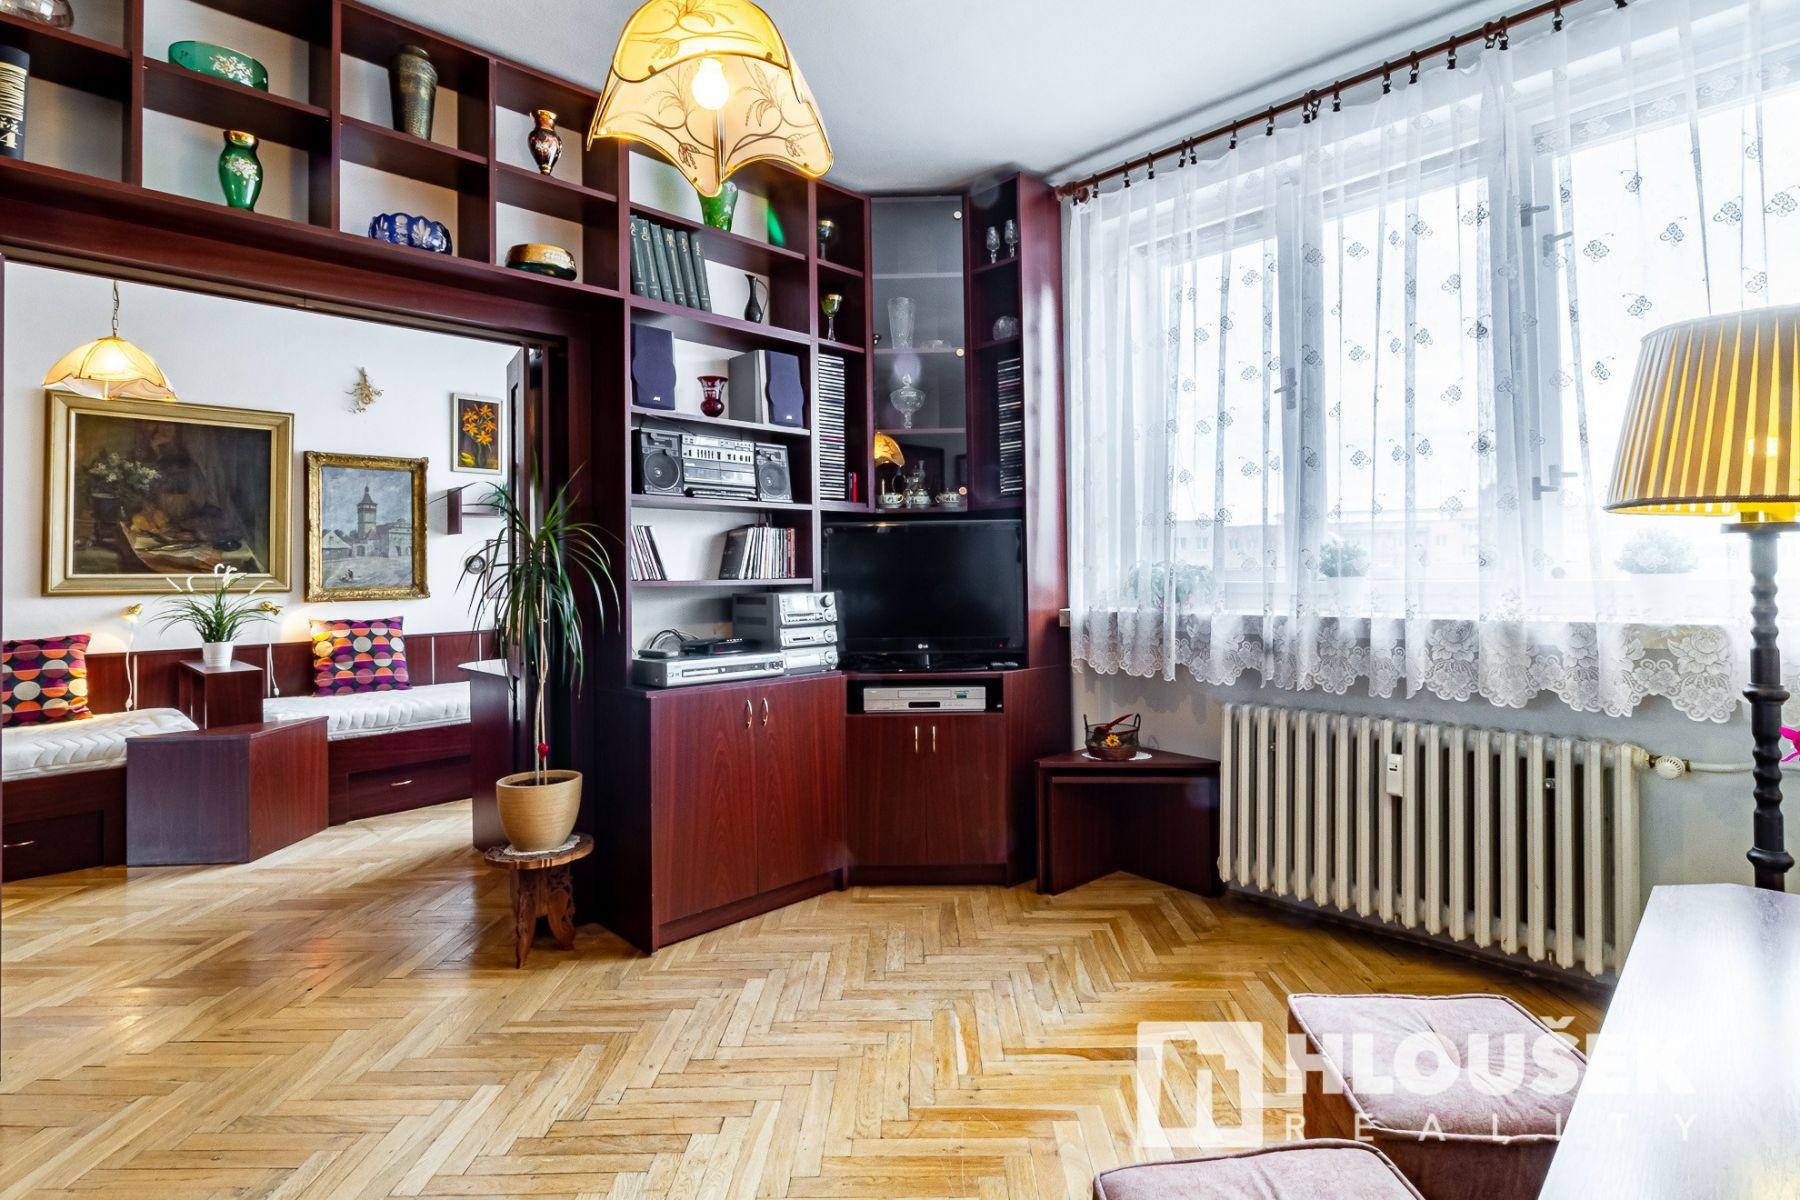 PRODÁNO Prodej bytu OV 2+kk, Praha 3 - Žižkov, ul. Křivá